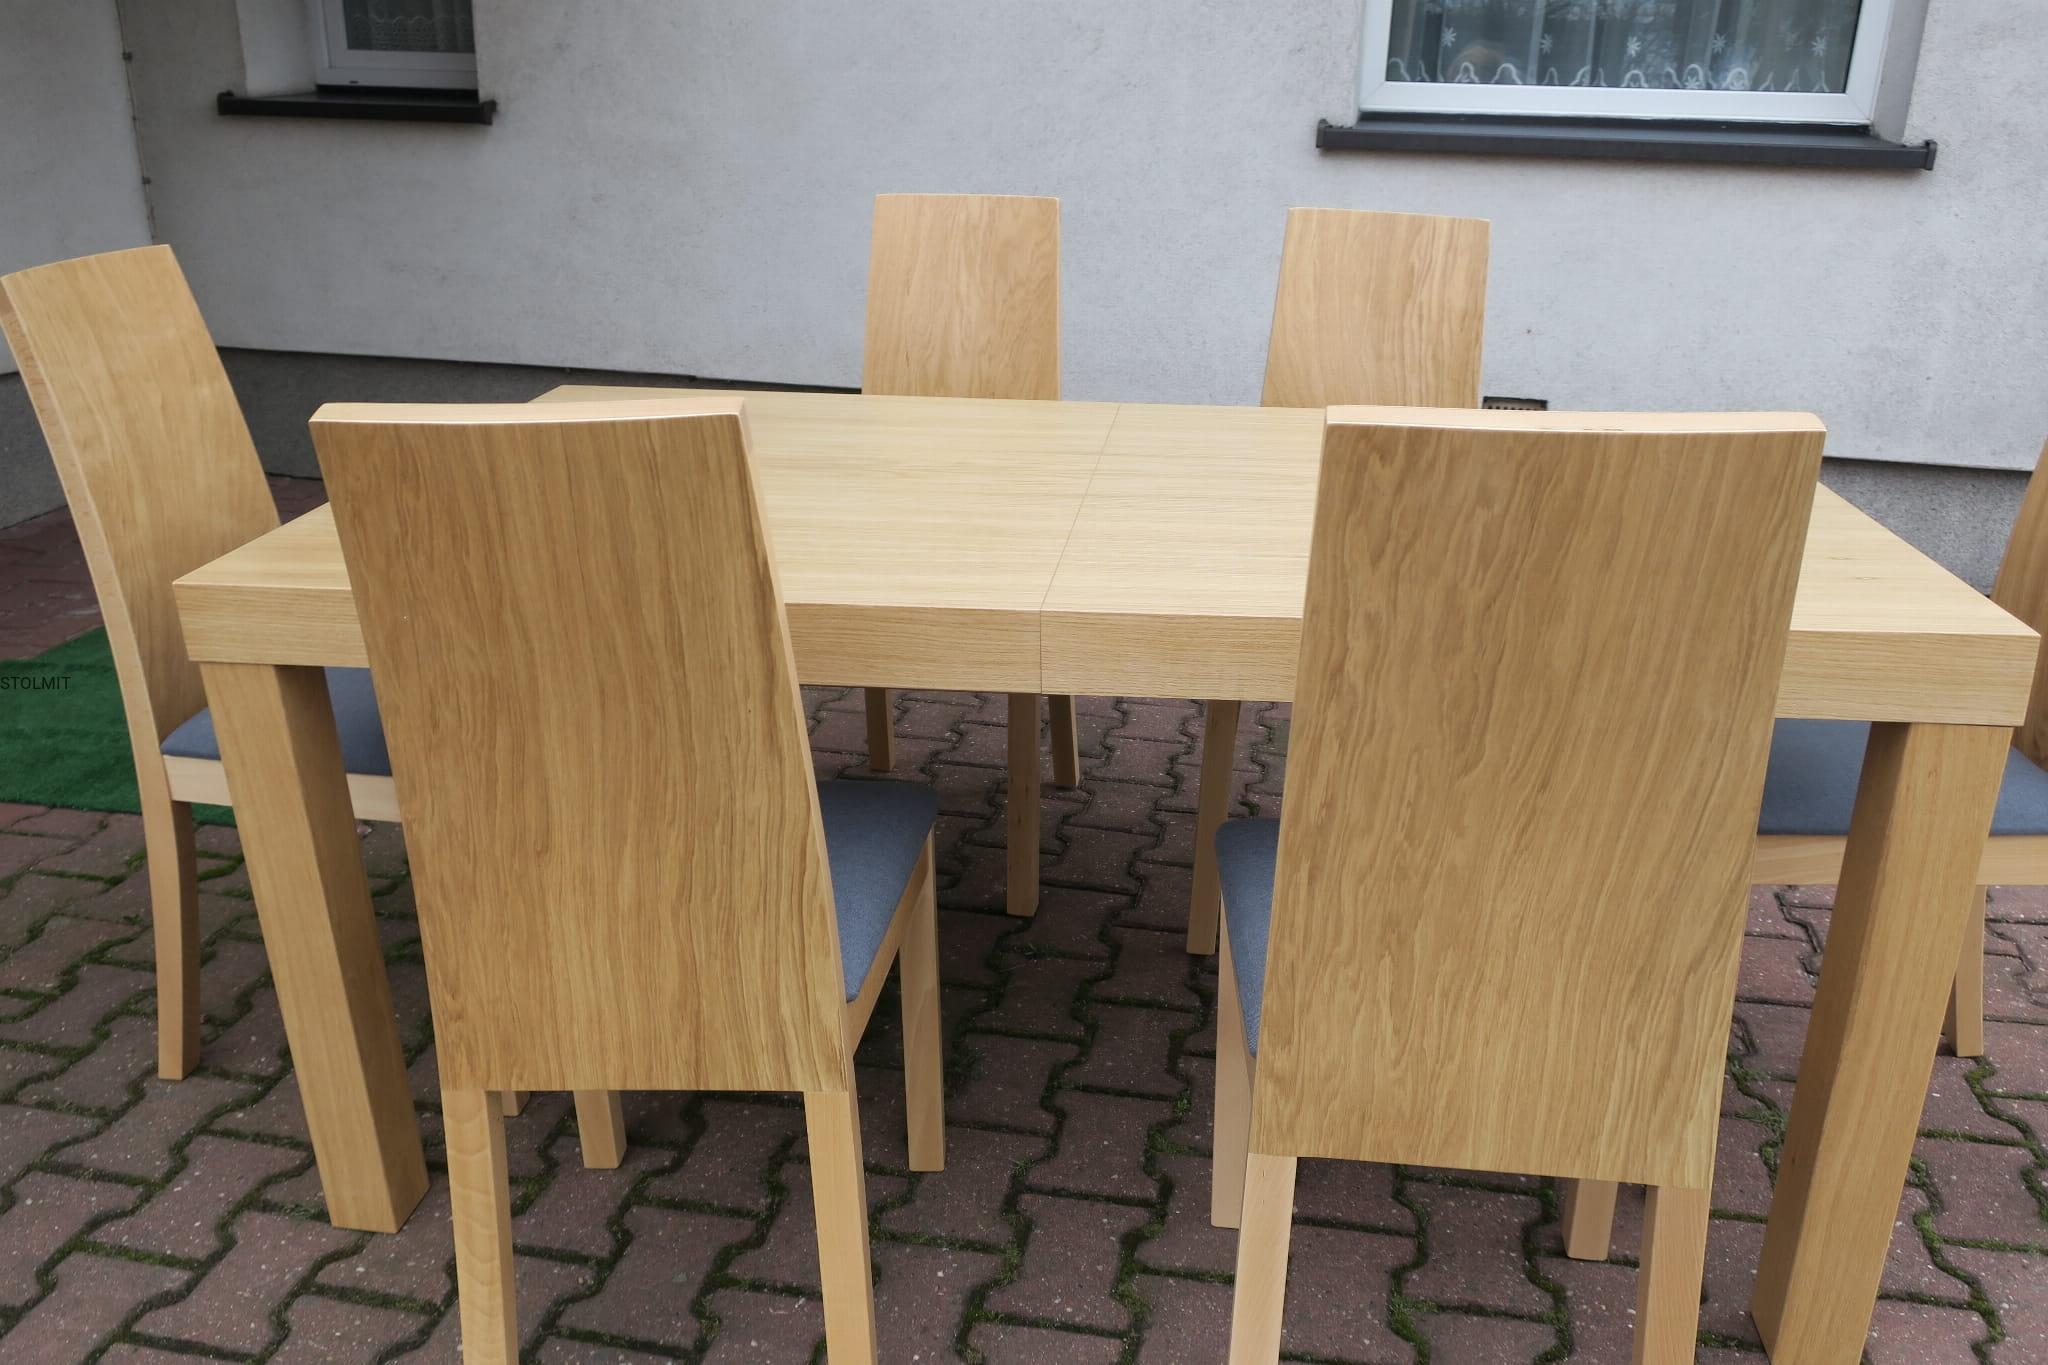 Dębowy Stół Z 6 Krzesłami Milano Popularny Zestaw Nasz Hit Stolmit